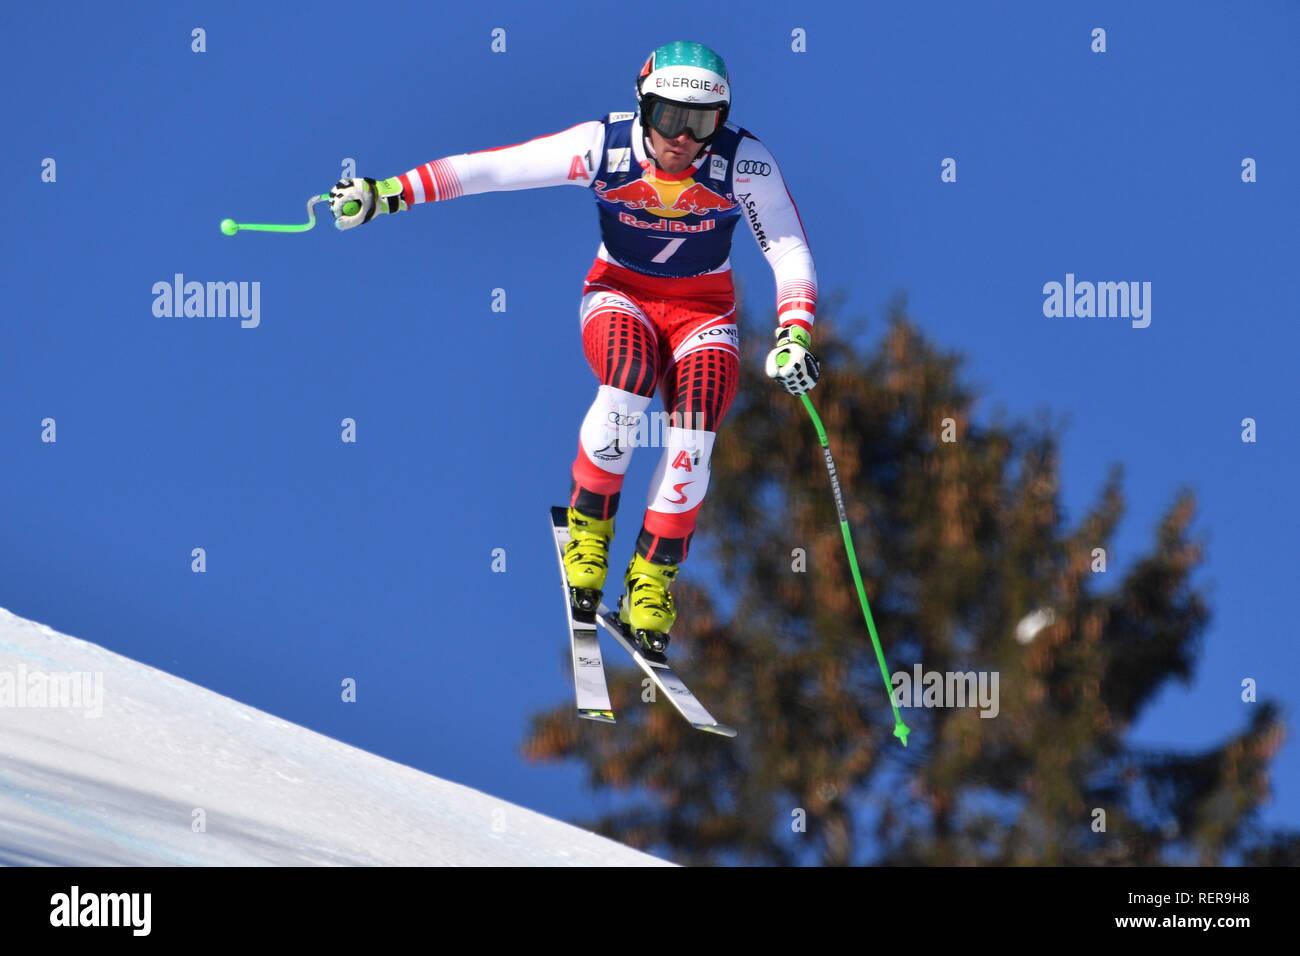 Vincent KRIECHMAYR (AUT). Action, jump. Alpine skiing, training 79th Hahnenkamm race 2019, Kitzbuehel, Hahnenkamm, Streif, departure, 22.01.2019. | usage worldwide - Stock Image